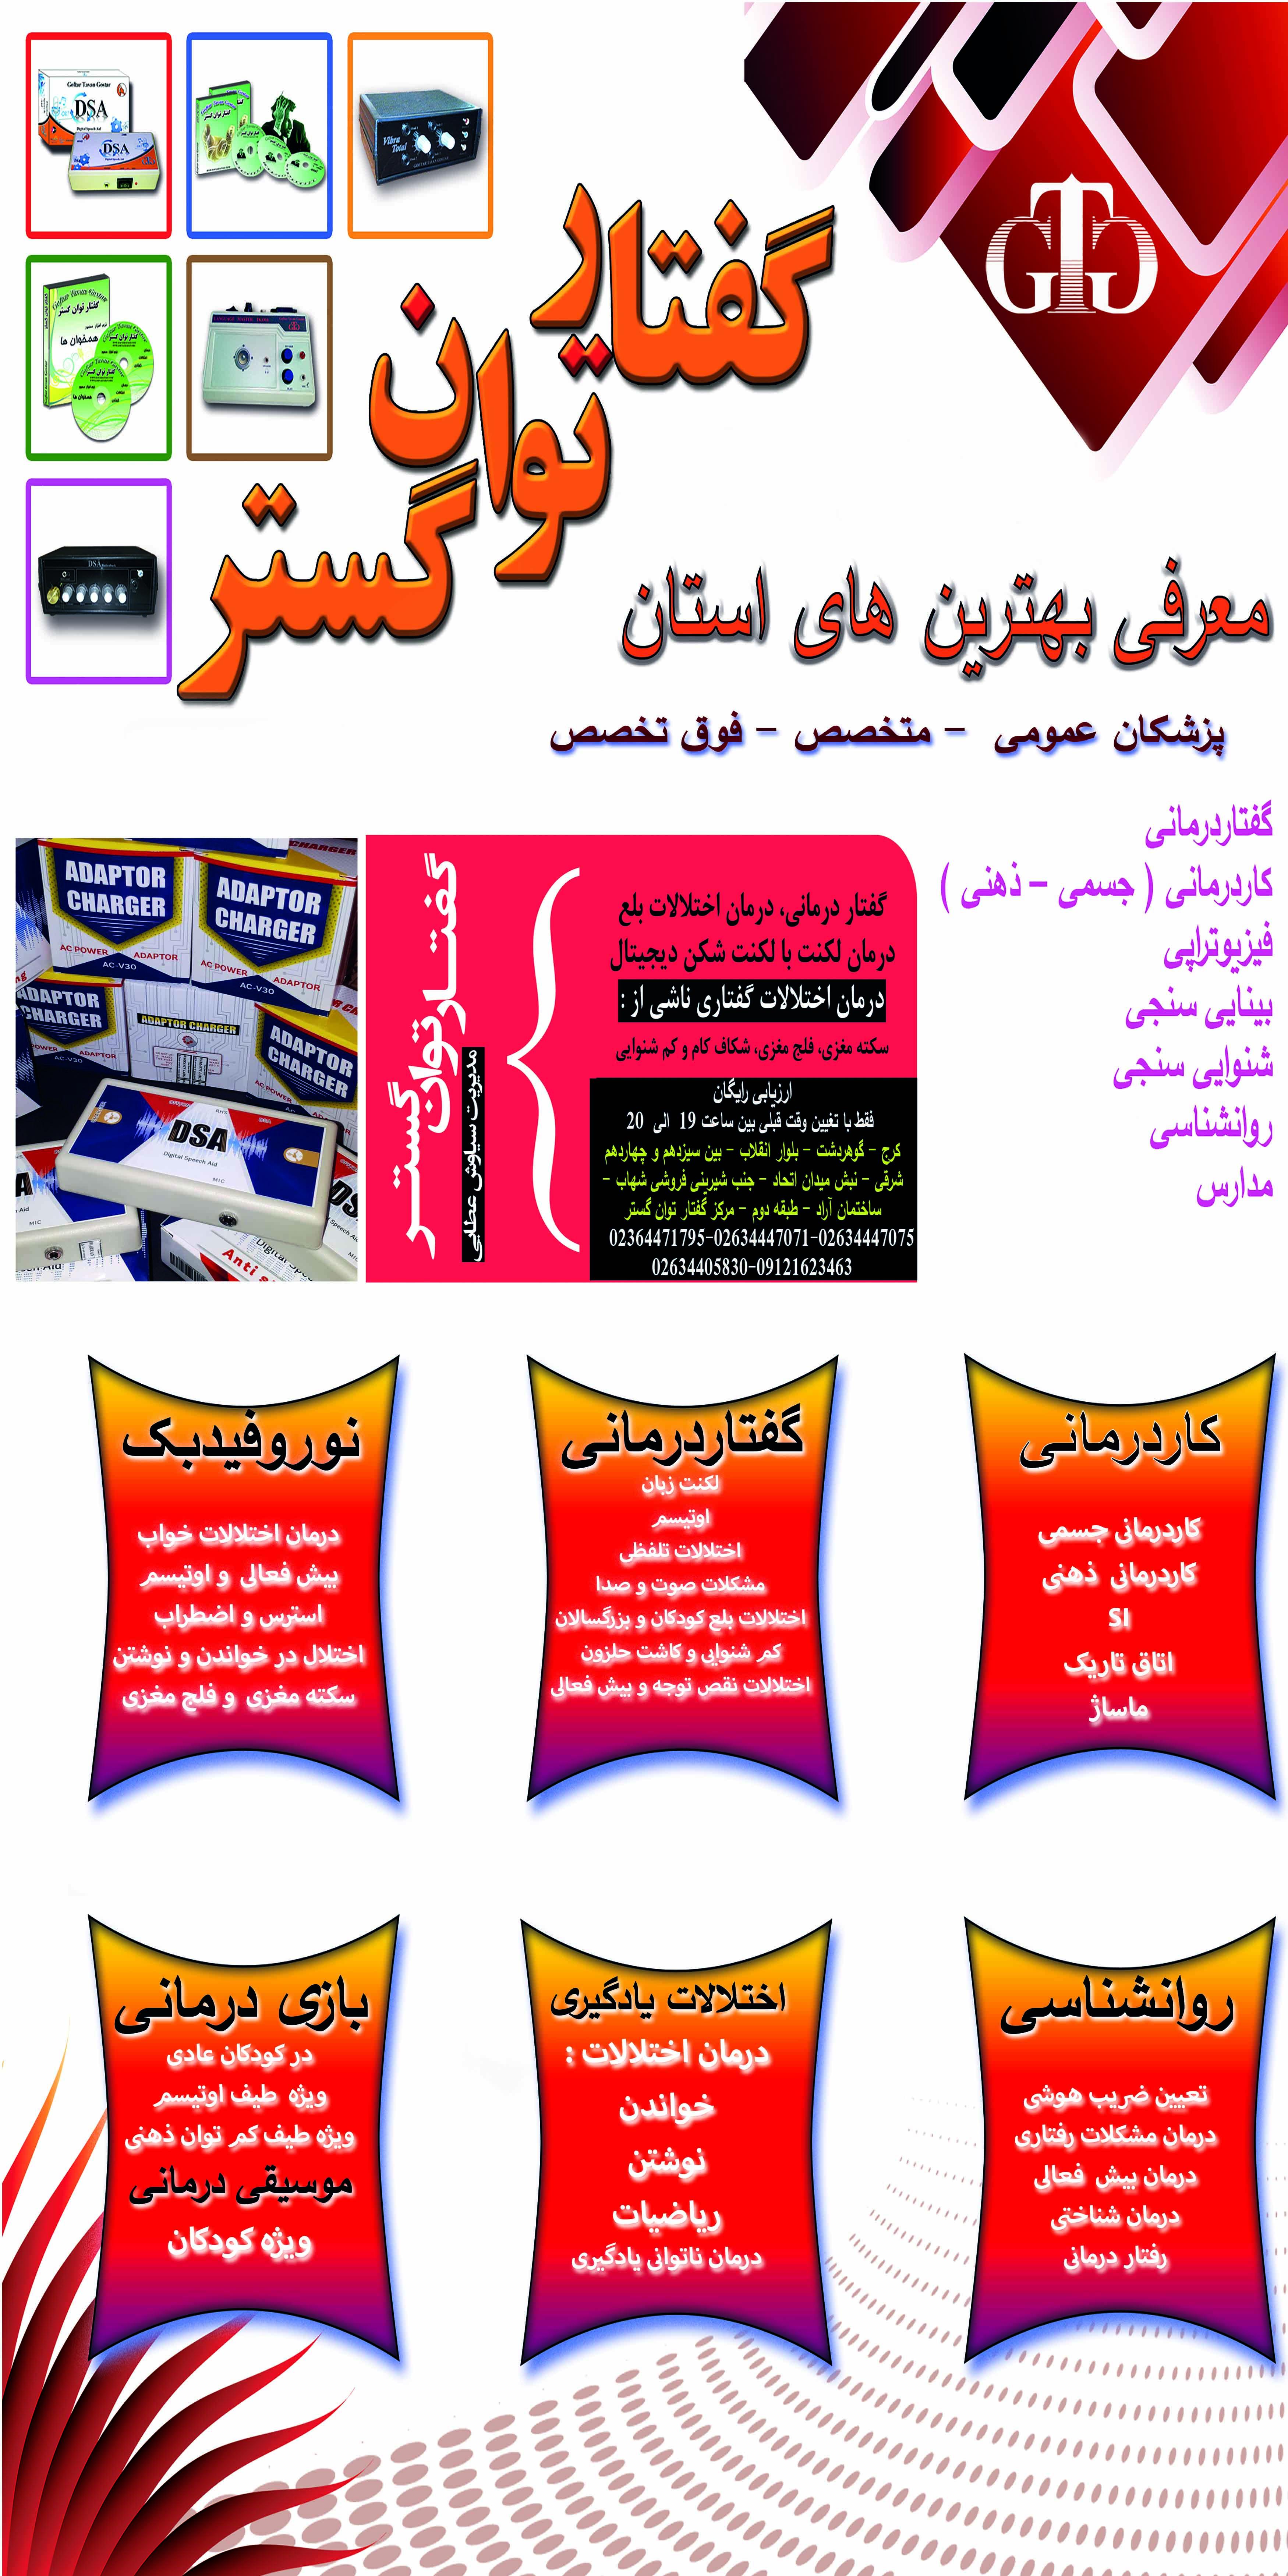 بهترین کلینیک تخصصی گفتار درمانی در استان تهران ، بهترین کلینیک تخصصی گفتار درمانی در استان اصفهان ، بهترین کلینیک تخصصی گفتار درمانی در استان اهواز ، بهترین کلینیک تخصصی گفتار درمانی در استان تبریز ، بهترین کلینیک تخصصی گفتار درمانی در استان شیراز ، گفتاردرمانی کرج ، بهترین کلینیک تخصصی گفتار درمانی در استان مشهد ، بهترین کلینیک تخصصی گفتار درمانی در استان کرمانشاه ، بهترین کلینیک تخصصی گفتار درمانی در استان اراک ، بهترین کلینیک تخصصی گفتار درمانی در استان اردبیل ، بهترین کلینیک تخصصی گفتار درمانی در استان ارومیه ، بهترین کلینیک تخصصی گفتار درمانی در استان ایلام ، بهترین کلینیک تخصصی گفتار درمانی در استان بجنورد ، بهترین کلینیک تخصصی گفتار درمانی در استان بندر عباس ، بهترین کلینیک تخصصی گفتار درمانی در استان بوشهر ، بهترین کلینیک تخصصی گفتار درمانی در استان بیرجند ، بهترین کلینیک تخصصی گفتار درمانی در استان خرم آباد ، بهترین کلینیک تخصصی گفتار درمانی در استان خمینیشهر ، بهترین کلینیک تخصصی گفتار درمانی در استان زاهدان ، بهترین کلینیک تخصصی گفتار درمانی در استان زنجان ، بهترین کلینیک تخصصی گفتار درمانی در استان ساری ، بهترین کلینیک تخصصی گفتار درمانی در استان سمنان ، بهترین کلینیک تخصصی گفتار درمانی در استان سنندج ، بهترین کلینیک تخصصی گفتار درمانی در استان شهرکرد ، بهترین کلینیک تخصصی گفتار درمانی در استان قزوین ، بهترین کلینیک تخصصی گفتار درمانی در استان قم ، بهترین کلینیک تخصصی گفتار درمانی در استان کاشان ، بهترین کلینیک تخصصی گفتار درمانی در استان کرمان ، بهترین کلینیک تخصصی گفتار درمانی در استان گرگان ، بهترین کلینیک تخصصی گفتار درمانی در استان نیشابور ، بهترین کلینیک تخصصی گفتار درمانی در استان همدان ، بهترین کلینیک تخصصی گفتار درمانی در استان یاسوج ، بهترین کلینیک تخصصی گفتار درمانی در استان یزد ،